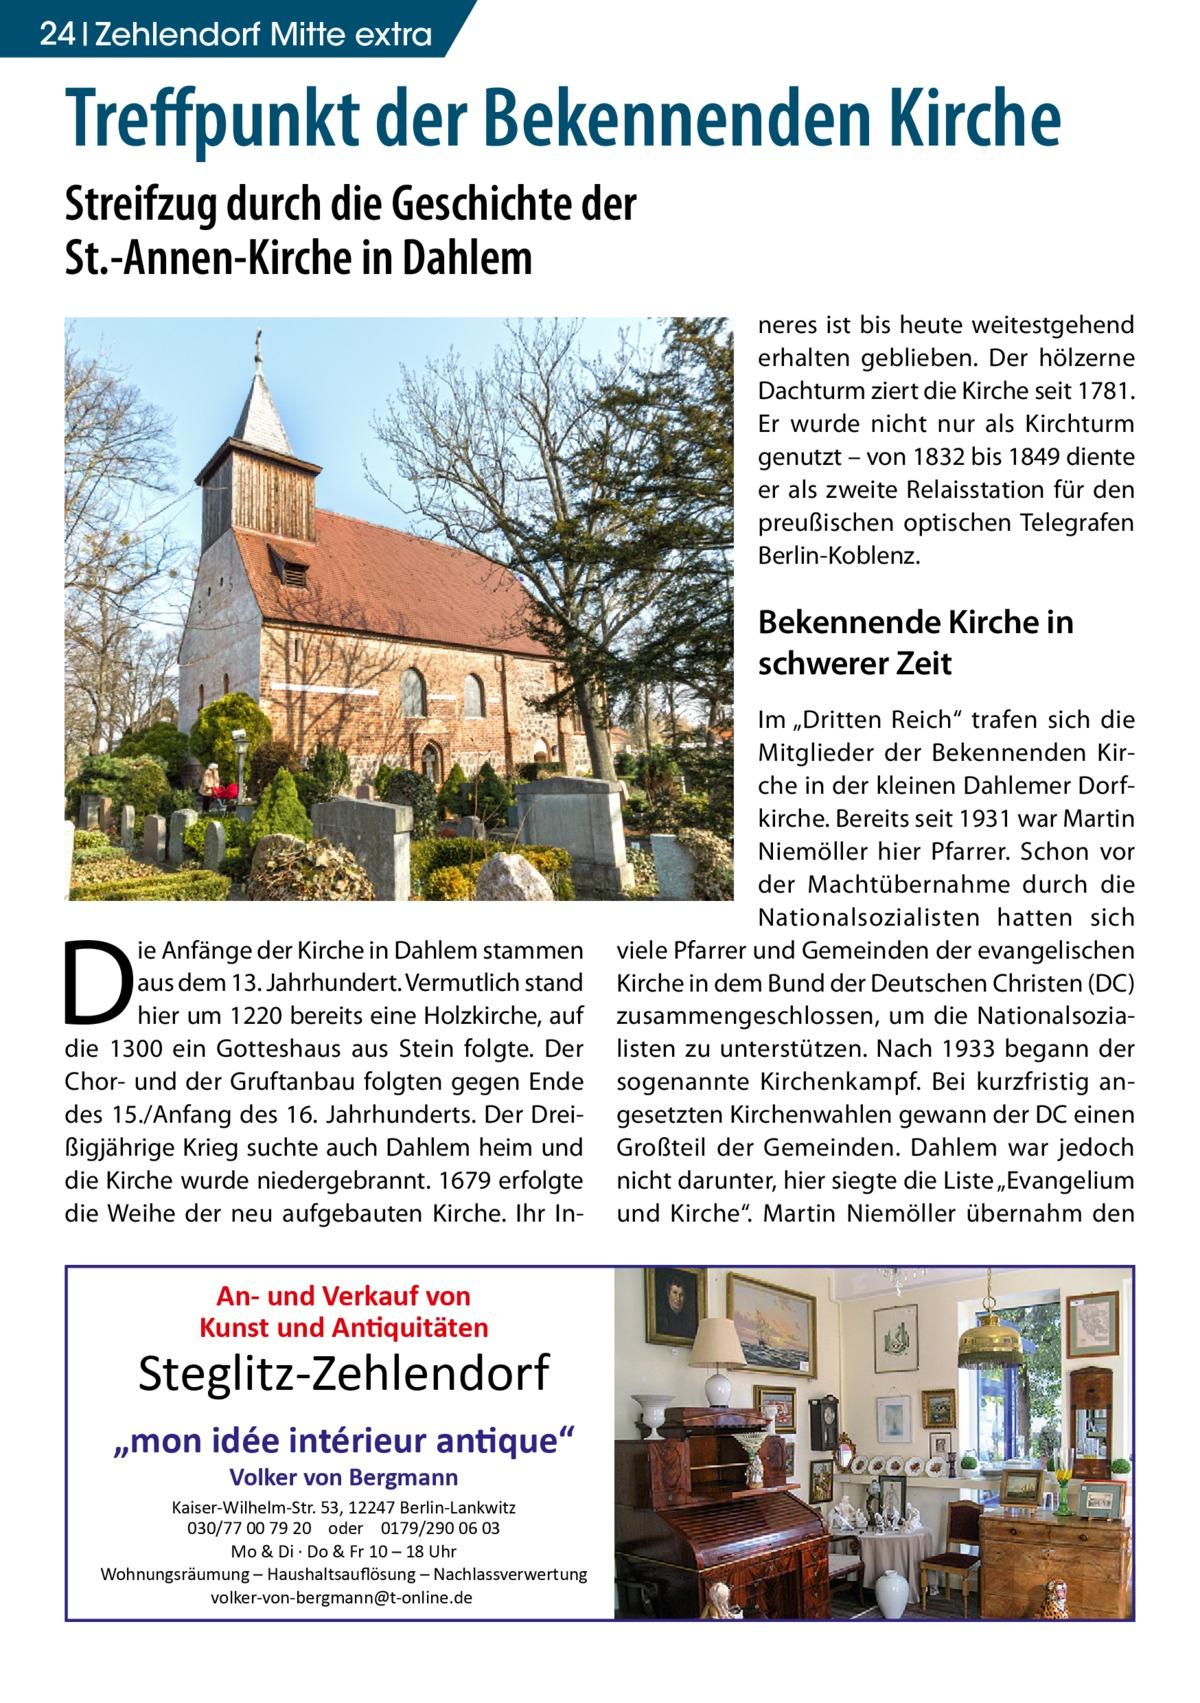 """24 Zehlendorf Mitte extra  Treffpunkt der Bekennenden Kirche Streifzug durch die Geschichte der St.-Annen-Kirche in Dahlem neres ist bis heute weitestgehend erhalten geblieben. Der hölzerne Dachturm ziert die Kirche seit 1781. Er wurde nicht nur als Kirchturm genutzt – von 1832 bis 1849 diente er als zweite Relaisstation für den preußischen optischen Telegrafen Berlin-Koblenz.  Bekennende Kirche in schwerer Zeit  D  ie Anfänge der Kirche in Dahlem stammen aus dem 13. Jahrhundert. Vermutlich stand hier um 1220 bereits eine Holzkirche, auf die 1300 ein Gotteshaus aus Stein folgte. Der Chor- und der Gruftanbau folgten gegen Ende des 15./Anfang des 16. Jahrhunderts. Der Dreißigjährige Krieg suchte auch Dahlem heim und die Kirche wurde niedergebrannt. 1679 erfolgte die Weihe der neu aufgebauten Kirche. Ihr In An- und Verkauf von Kunst und Antiquitäten  Steglitz-Zehlendorf """"mon idée intérieur antique"""" Volker von Bergmann  Kaiser-Wilhelm-Str. 53, 12247 Berlin-Lankwitz 030/77 00 79 20 oder 0179/290 06 03 Mo & Di · Do & Fr 10 – 18 Uhr Wohnungsräumung – Haushaltsauflösung – Nachlassverwertung volker-von-bergmann@t-online.de  Im """"Dritten Reich"""" trafen sich die Mitglieder der Bekennenden Kirche in der kleinen Dahlemer Dorfkirche. Bereits seit 1931 war Martin Niemöller hier Pfarrer. Schon vor der Machtübernahme durch die Nationalsozialisten hatten sich viele Pfarrer und Gemeinden der evangelischen Kirche in dem Bund der Deutschen Christen(DC) zusammengeschlossen, um die Nationalsozialisten zu unterstützen. Nach 1933 begann der sogenannte Kirchenkampf. Bei kurzfristig angesetzten Kirchenwahlen gewann der DC einen Großteil der Gemeinden. Dahlem war jedoch nicht darunter, hier siegte die Liste """"Evangelium und Kirche"""". Martin Niemöller übernahm den"""